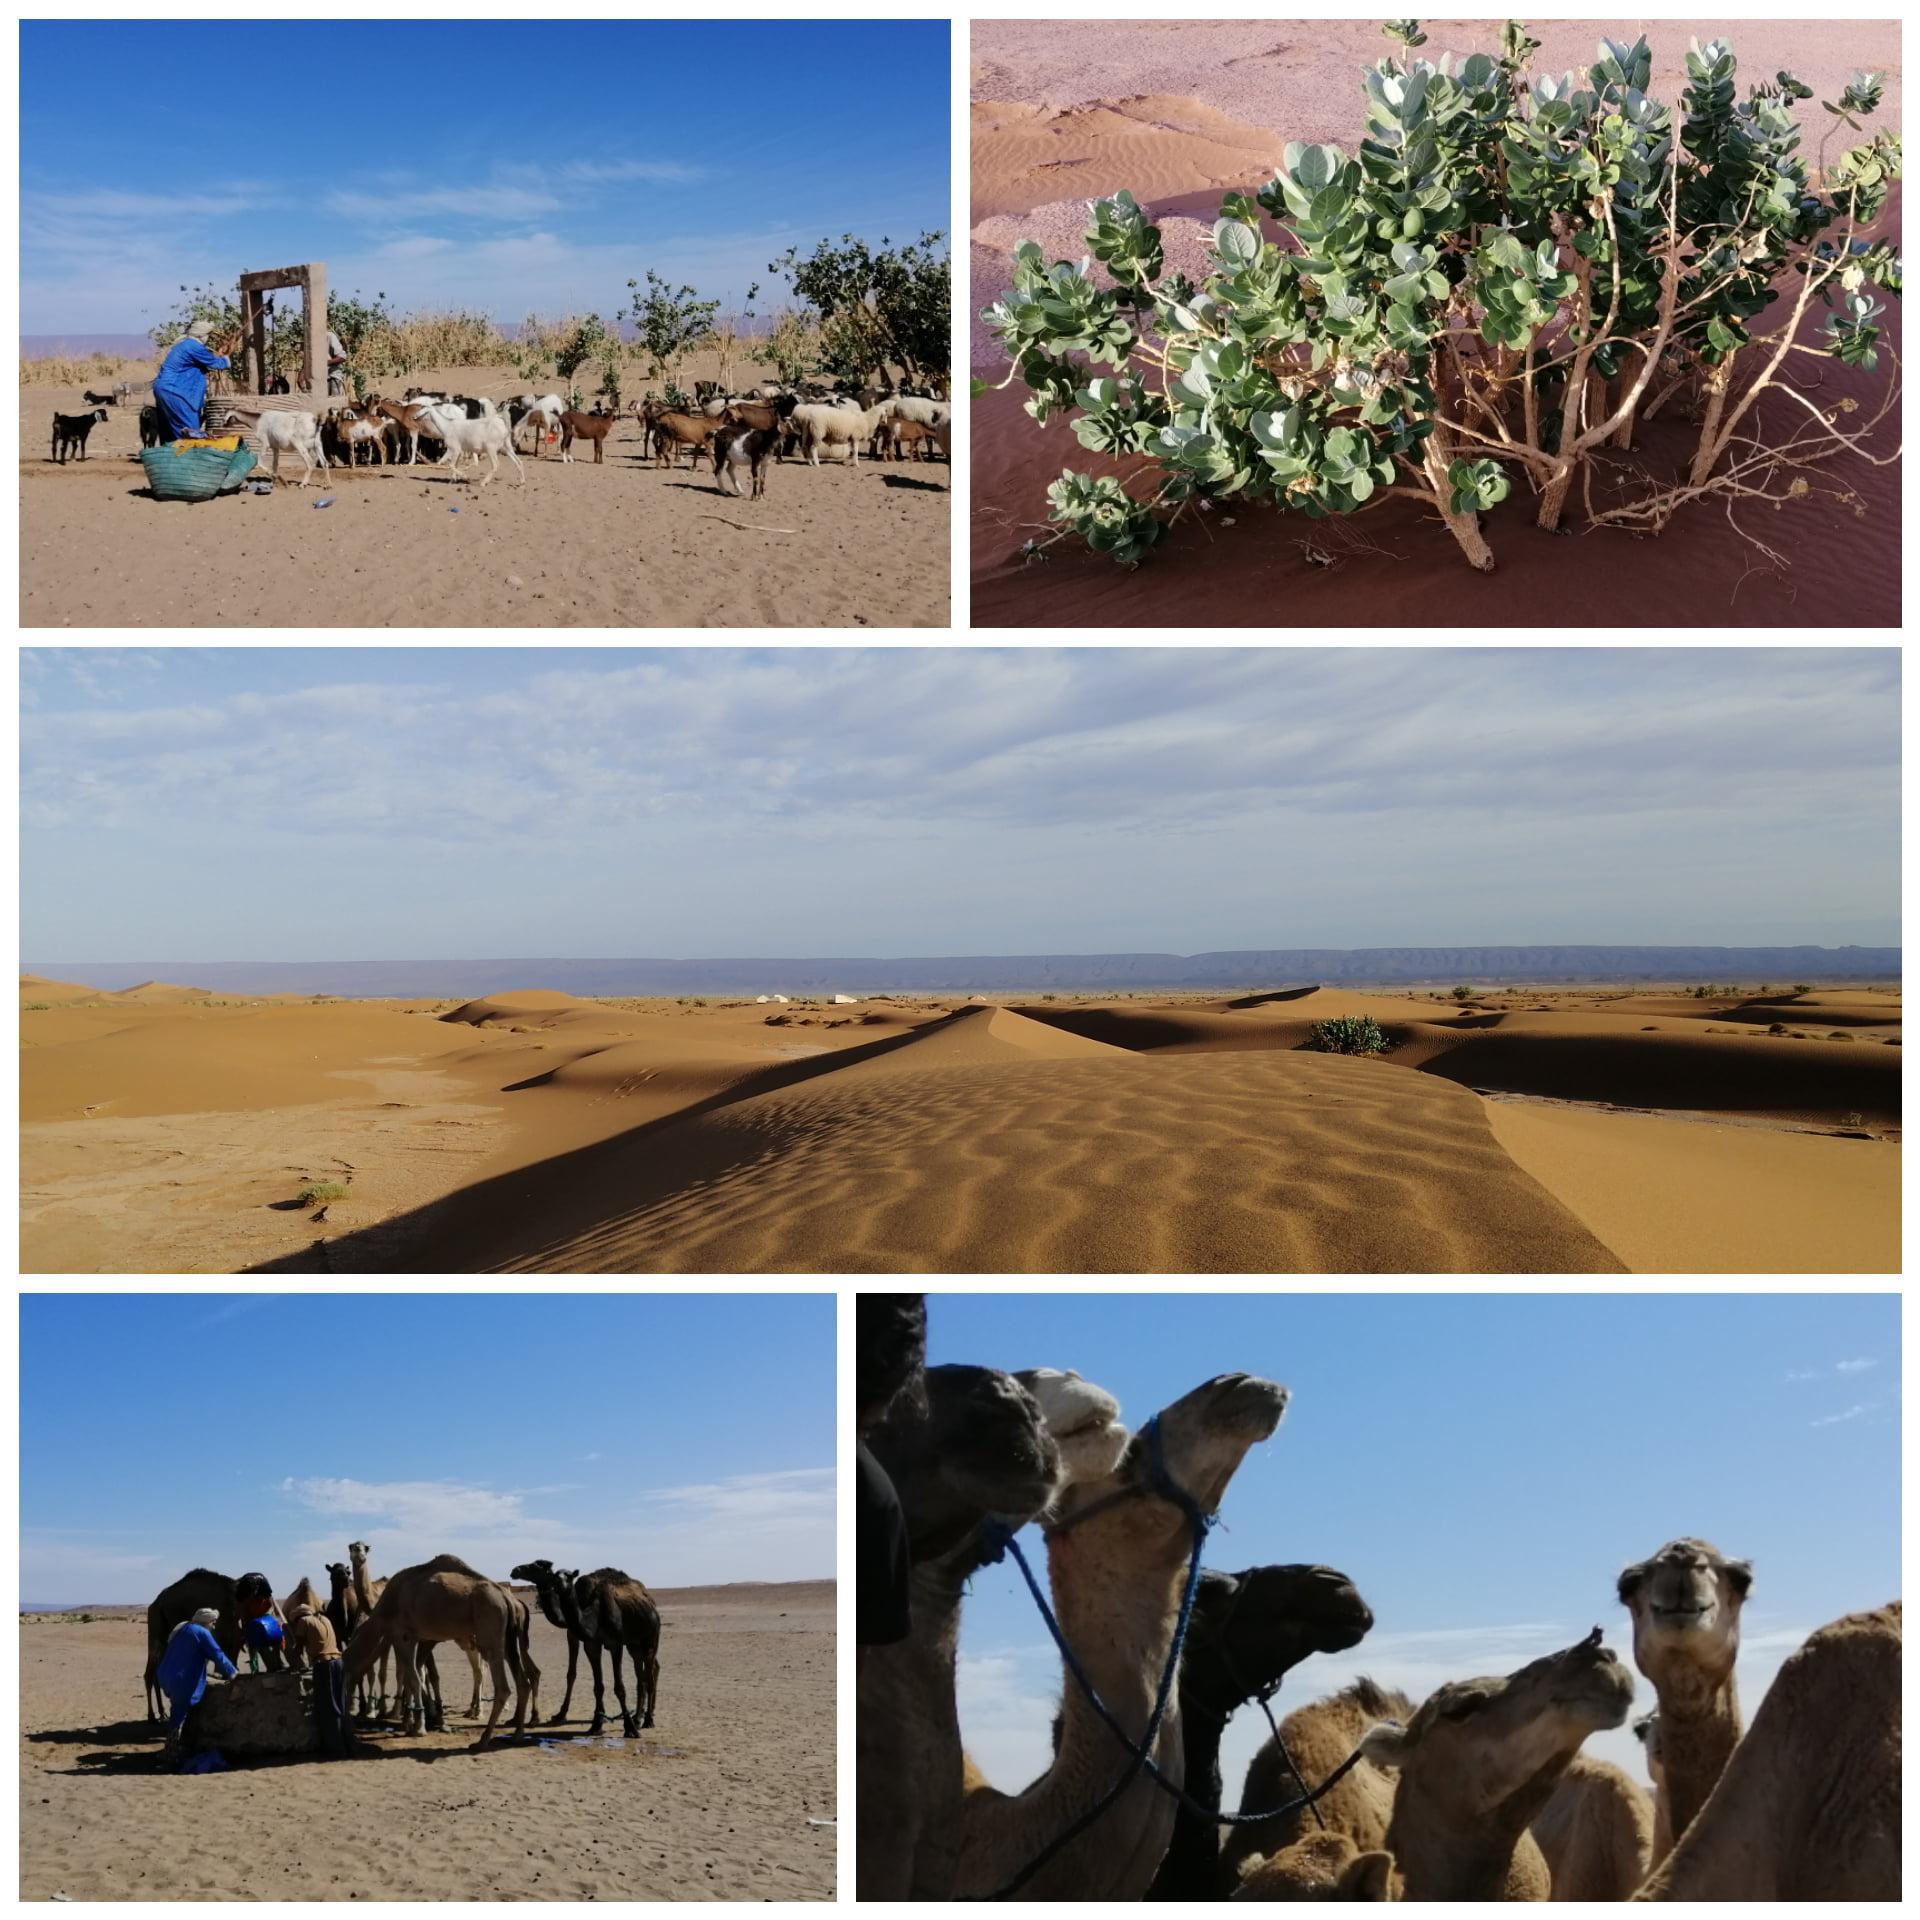 15 au 26 février 2021 : Voyage culturel et de ressourcement dans le désert au Maroc 10